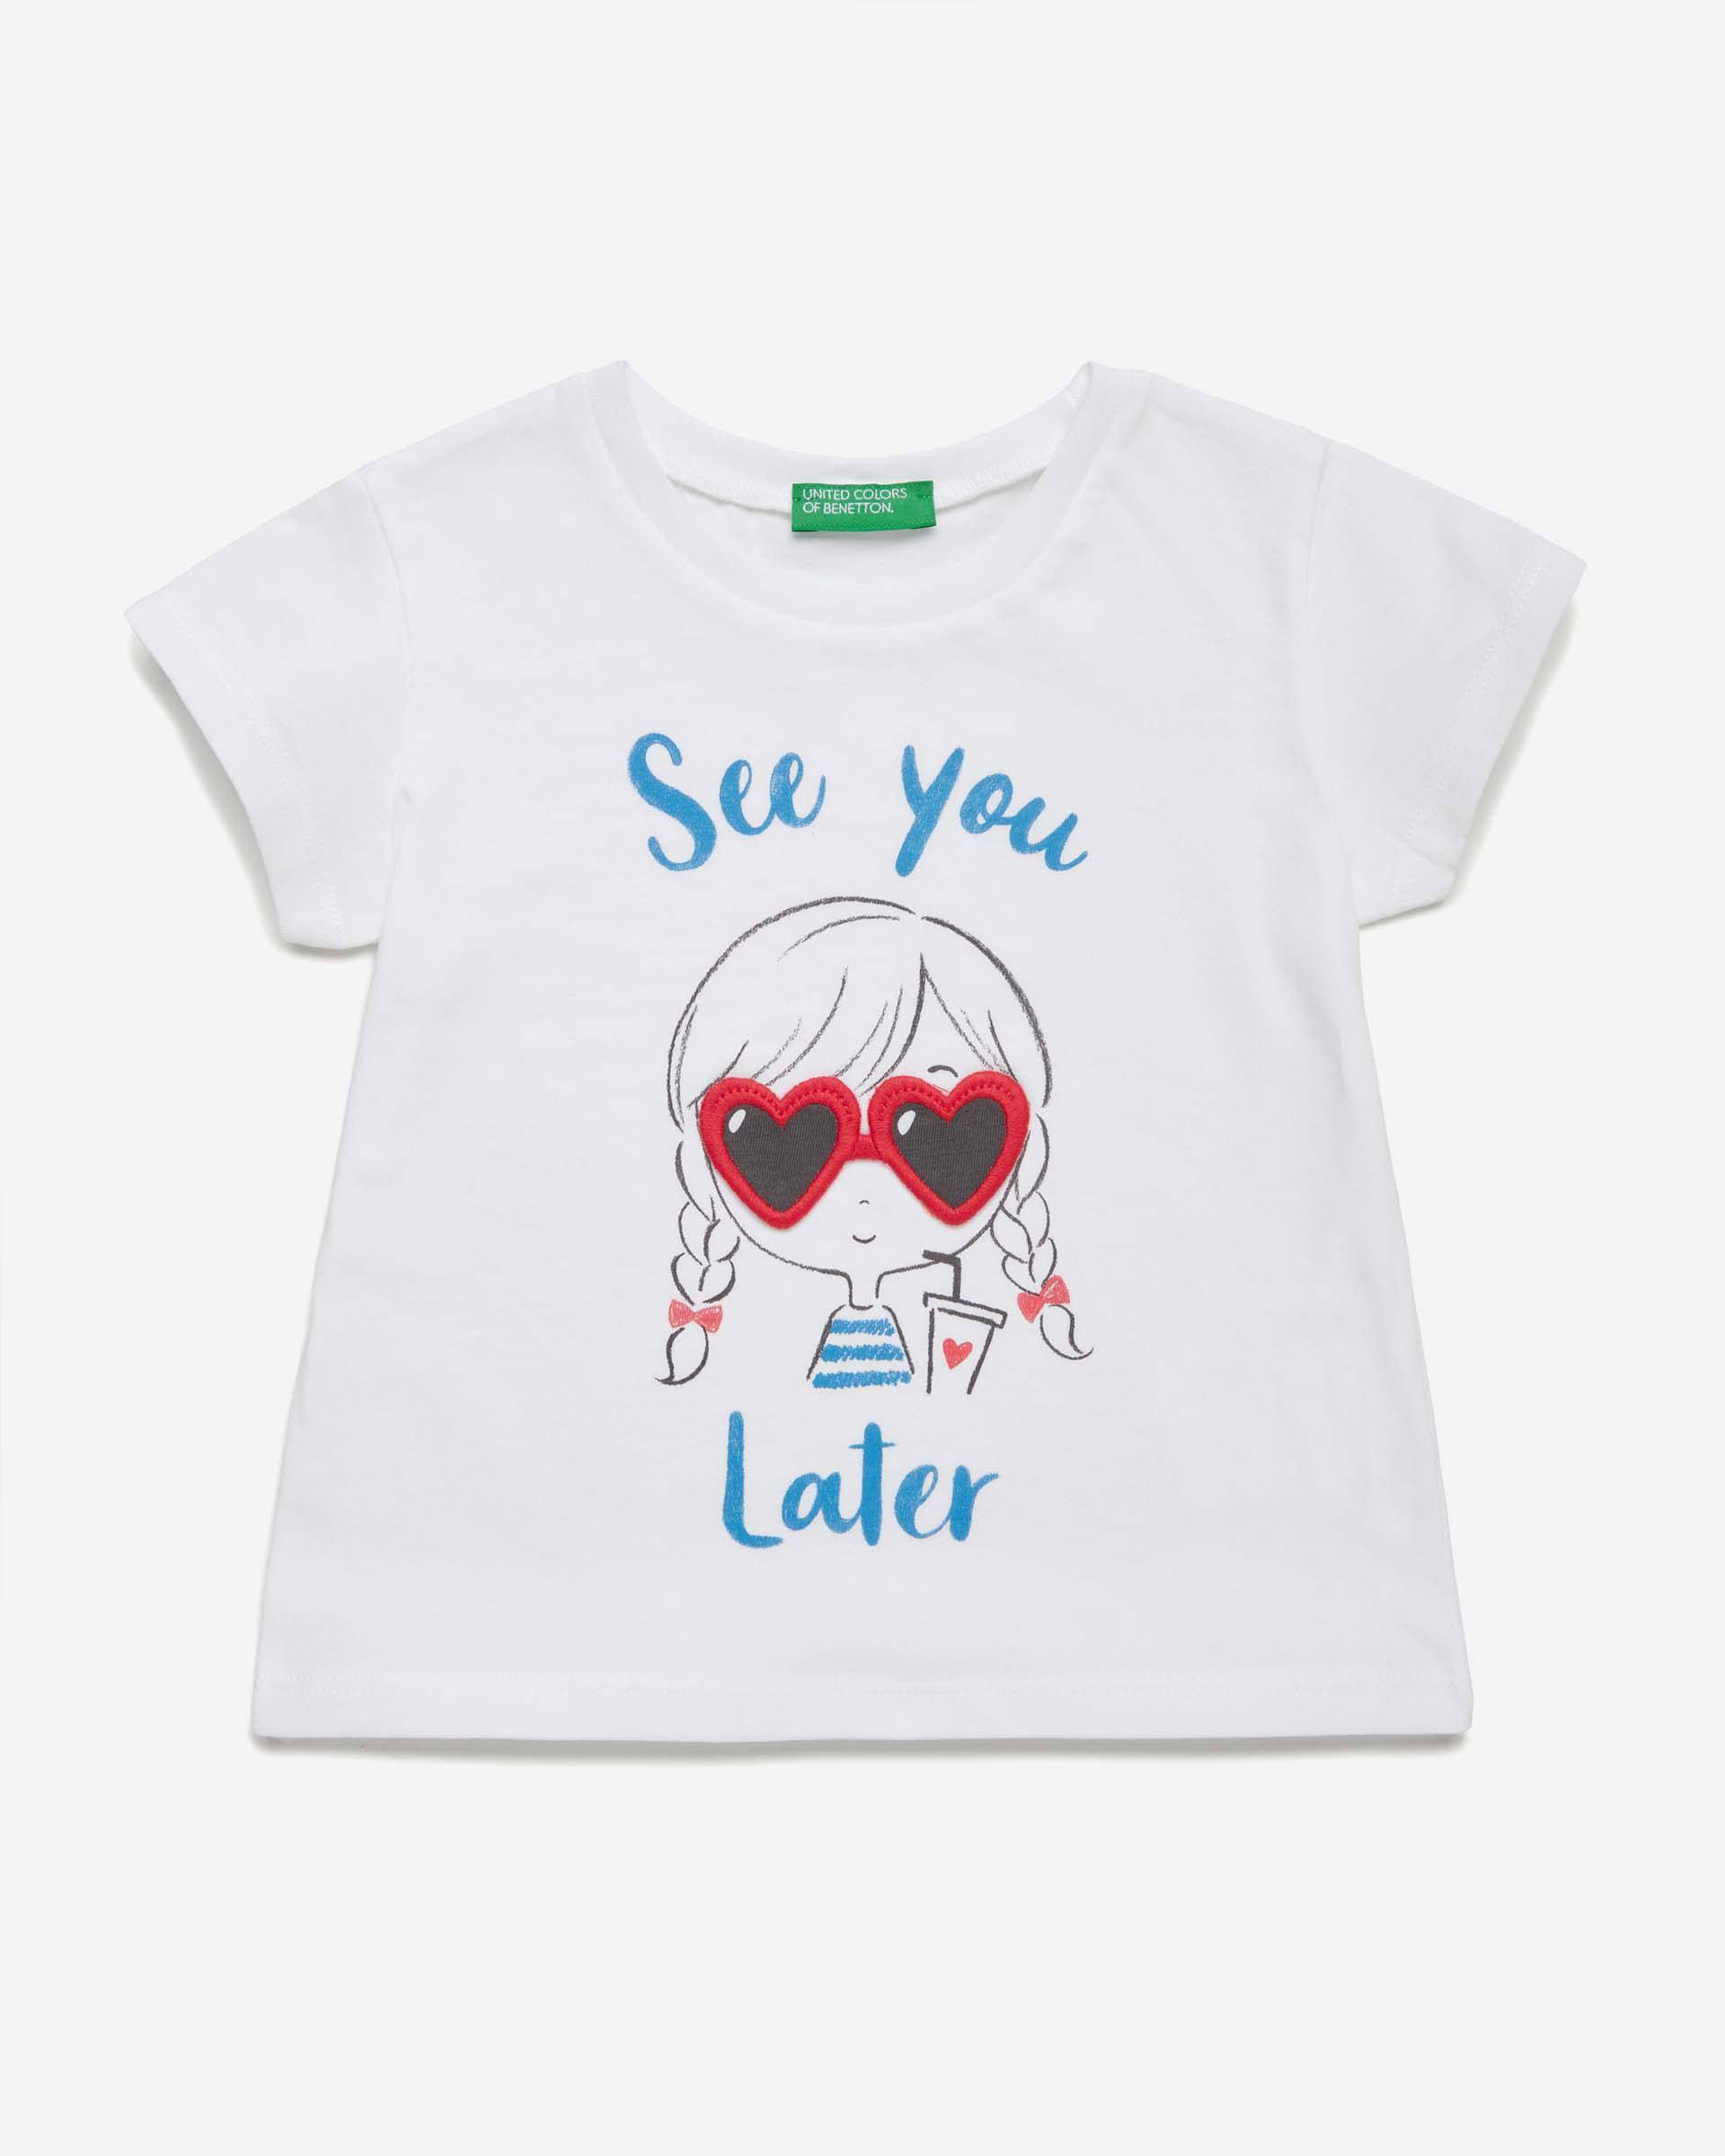 Купить 20P_3096C1BJP_101, Футболка для девочек Benetton 3096C1BJP_101 р-р 92, United Colors of Benetton, Кофточки, футболки для новорожденных